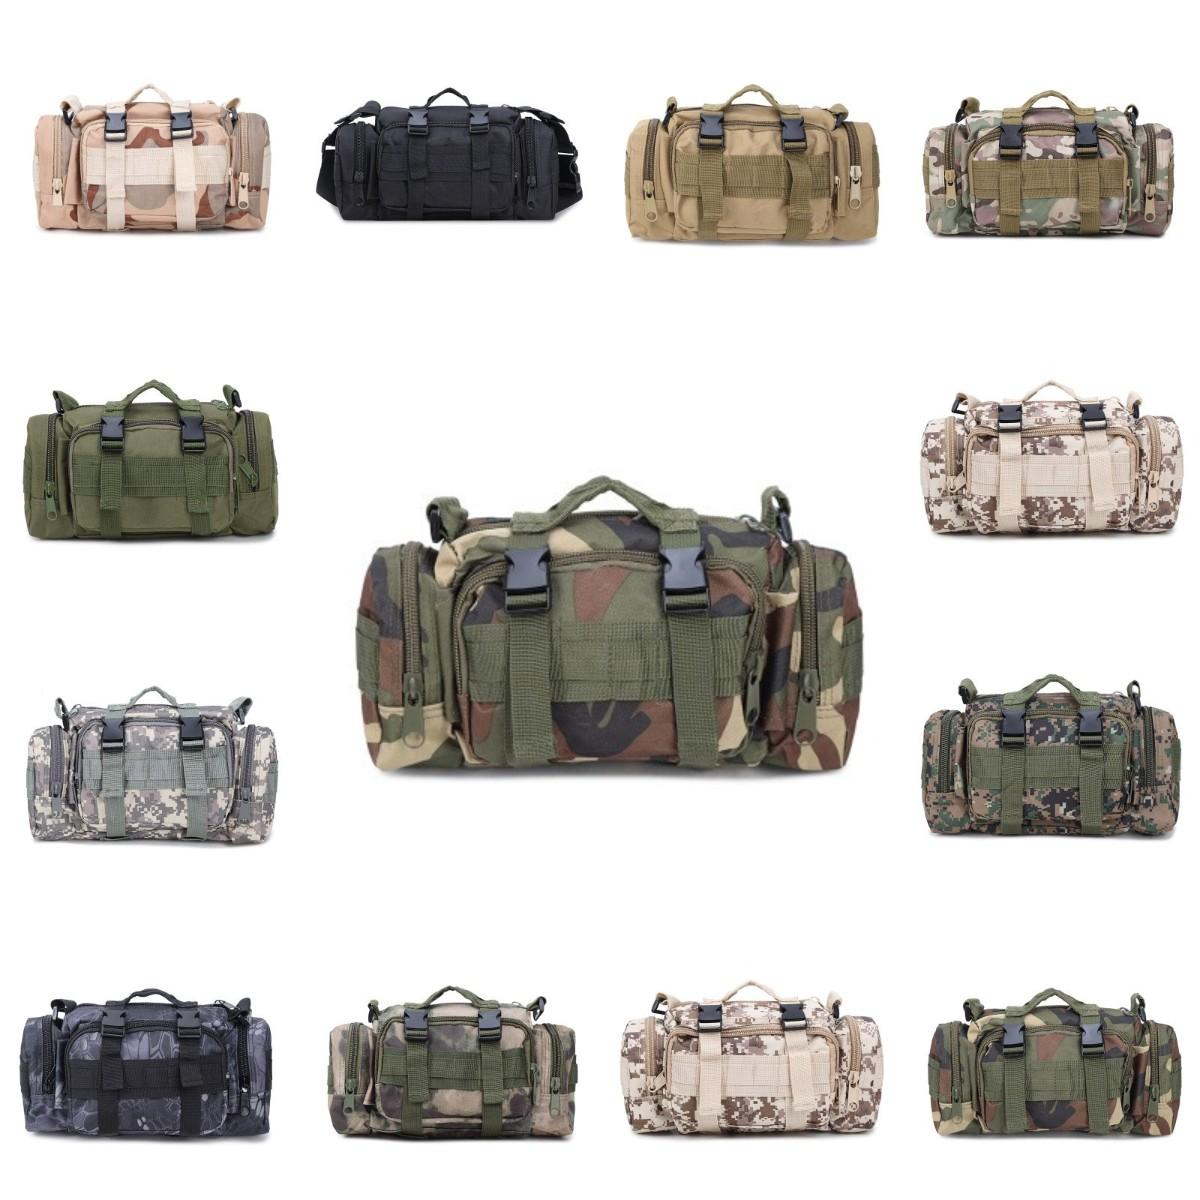 Камо Тактические сумка водонепроницаемый Military талии пакет Molle Открытый сумка для кемпинга Походные Прочный рюкзак для путешествий Спортивные сумки CYZ2762 50Pcs